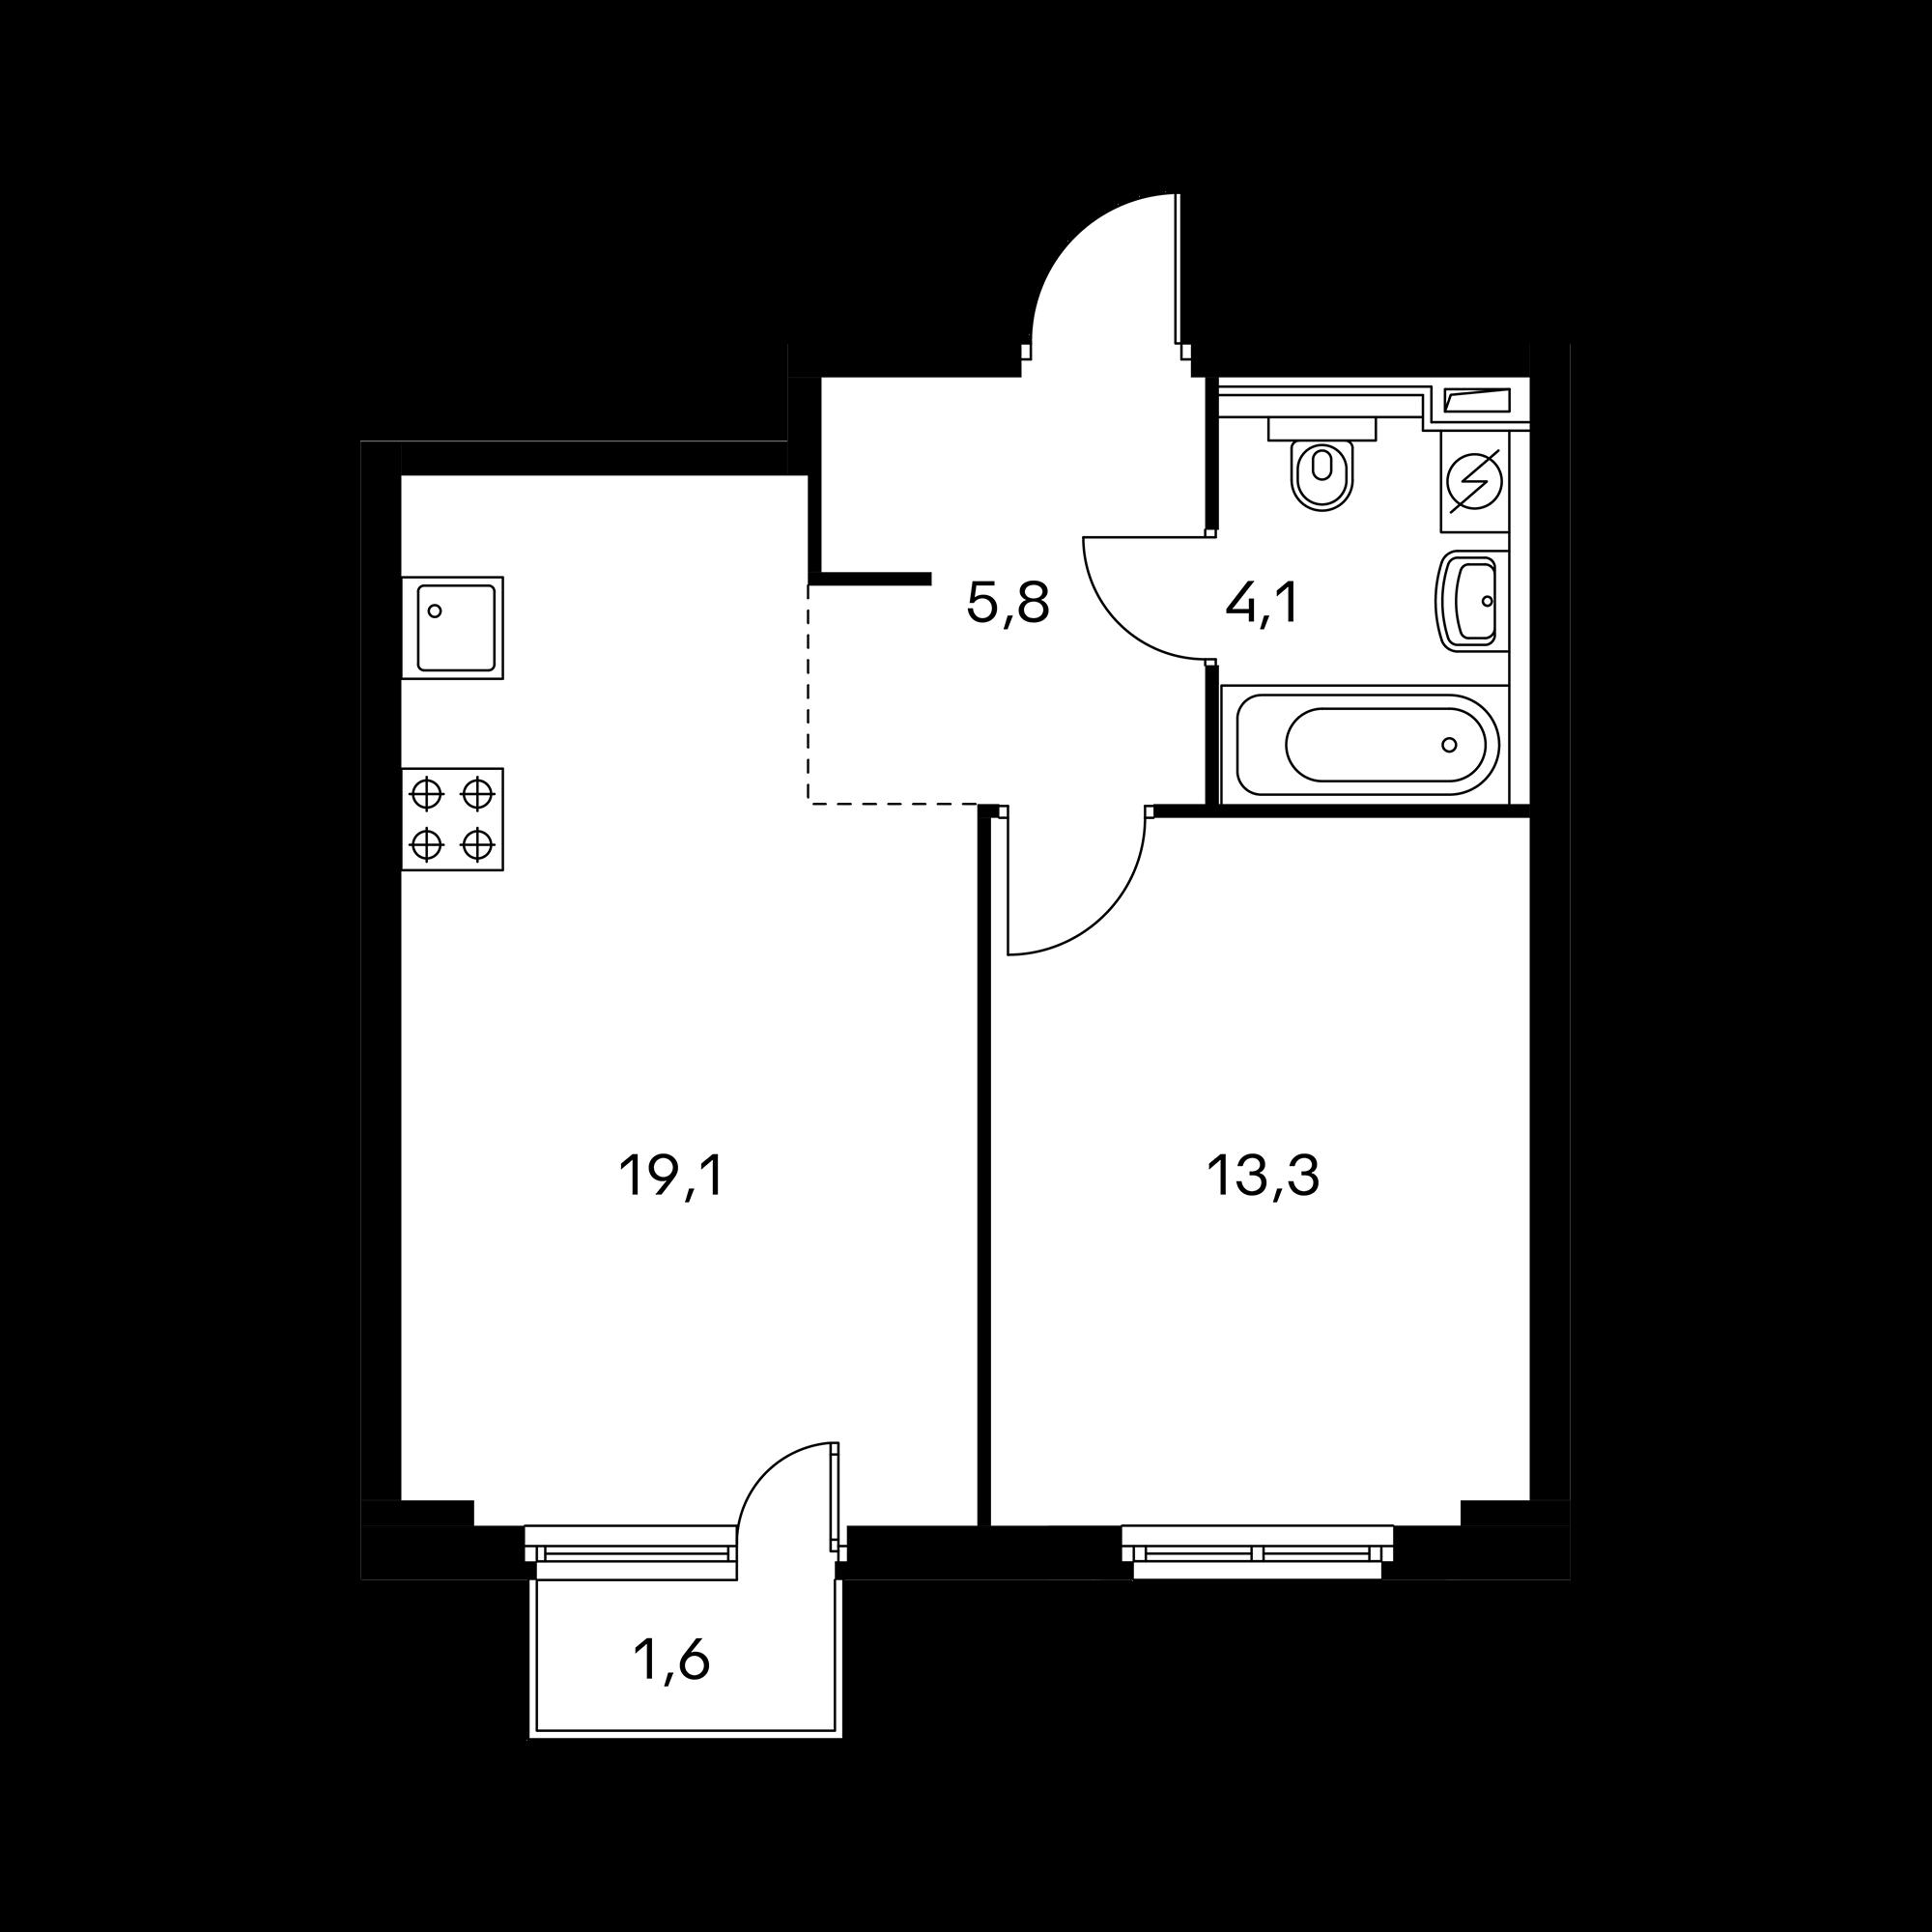 1EL3-6.9-1_S_Z_В2